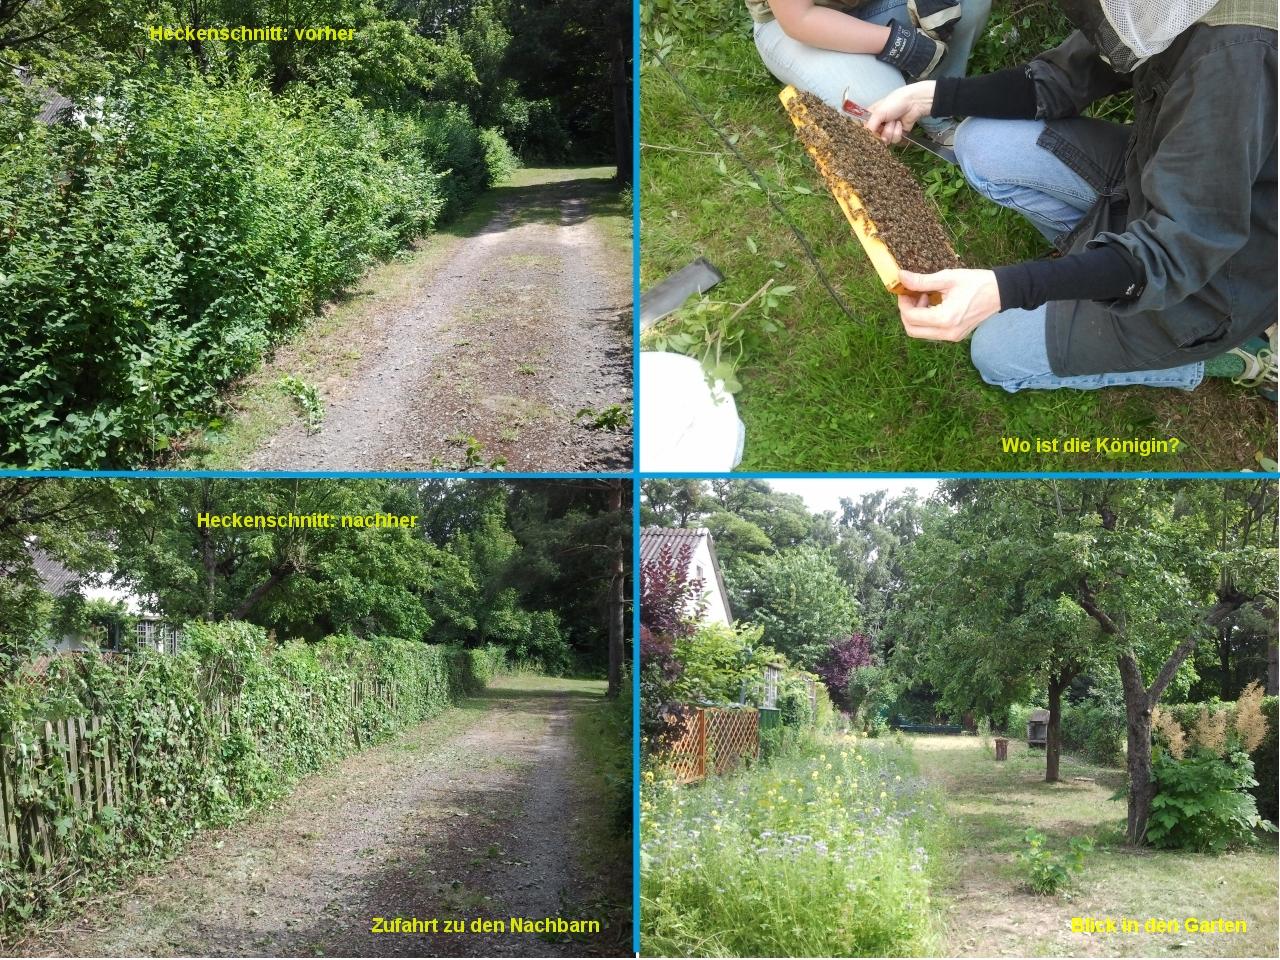 Bienen Heckenschnitt Im Vorher Nachher Vergleich Gemeinschaftsgarten Erntezeit Hannover